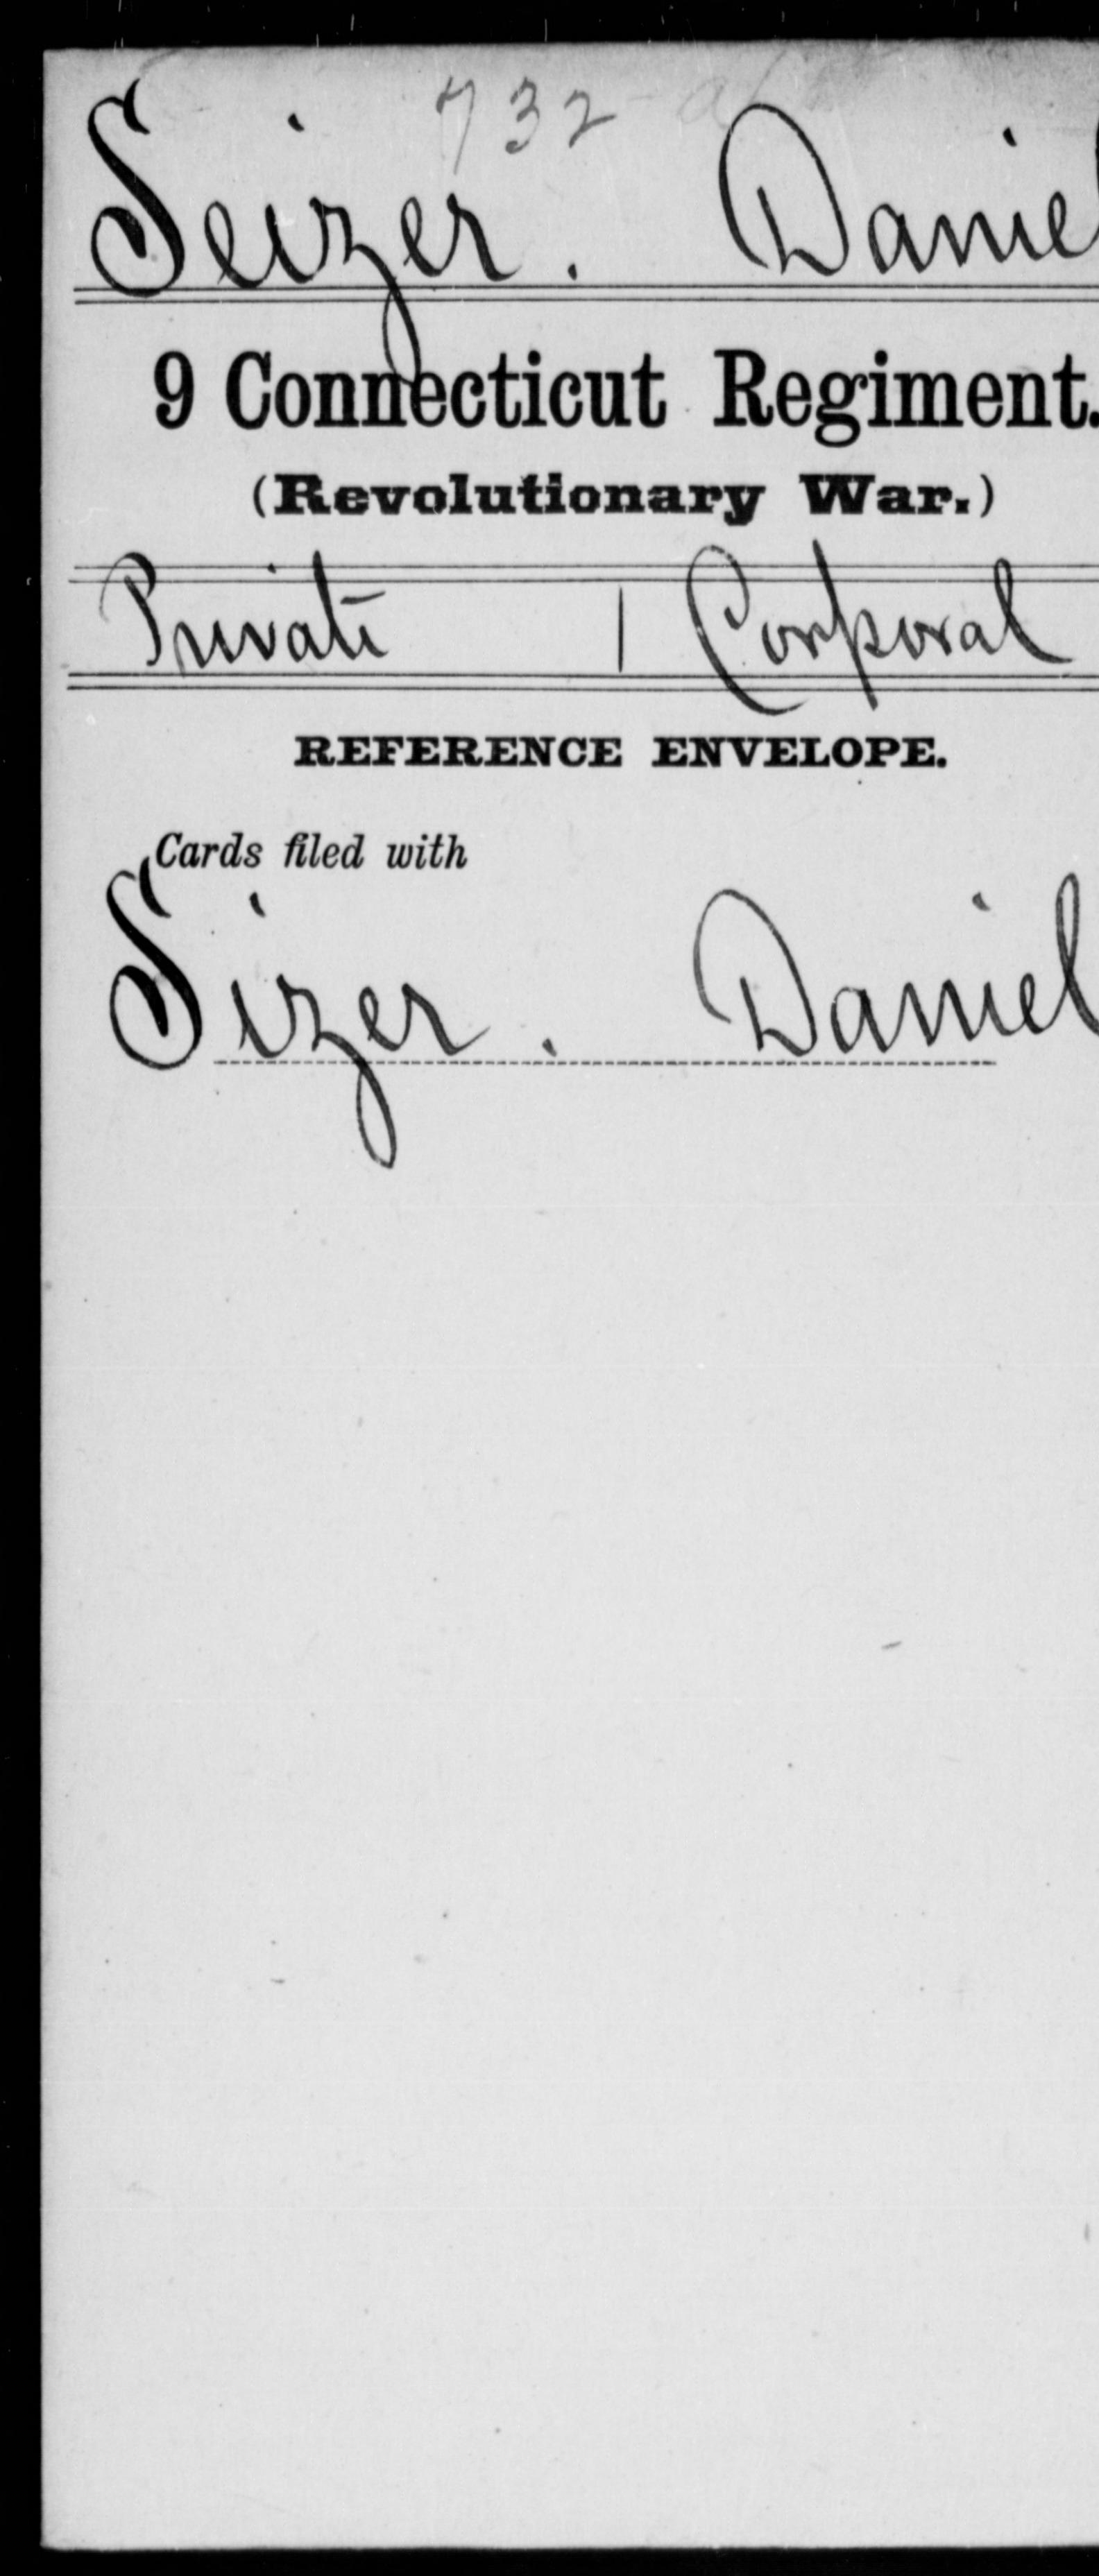 Seizer, Danie - Connecticut - Ninth Regiment